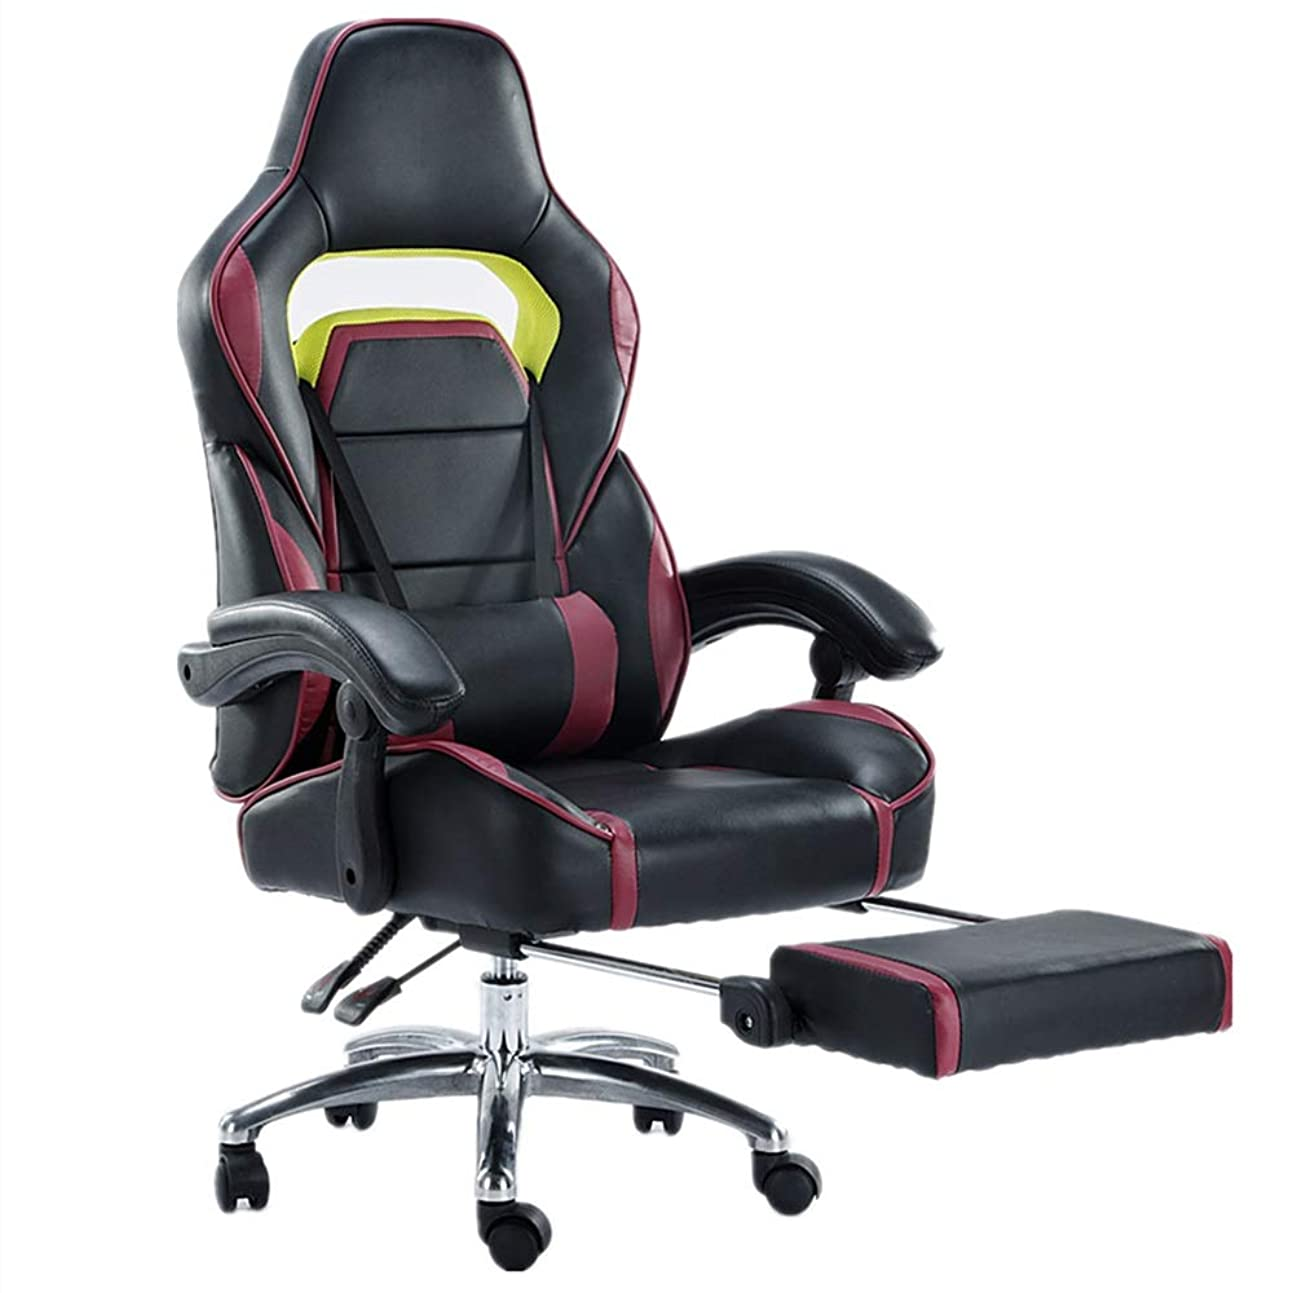 取り消す見落とす待つゲーミングチェアオットマンリクライニング 昼食休憩椅子人間工学に基づいた椅子スタイリッシュなオフィスチェアリクライニング170度はレーシングチェア昇降可能 (Color : Black, Size : As picture)